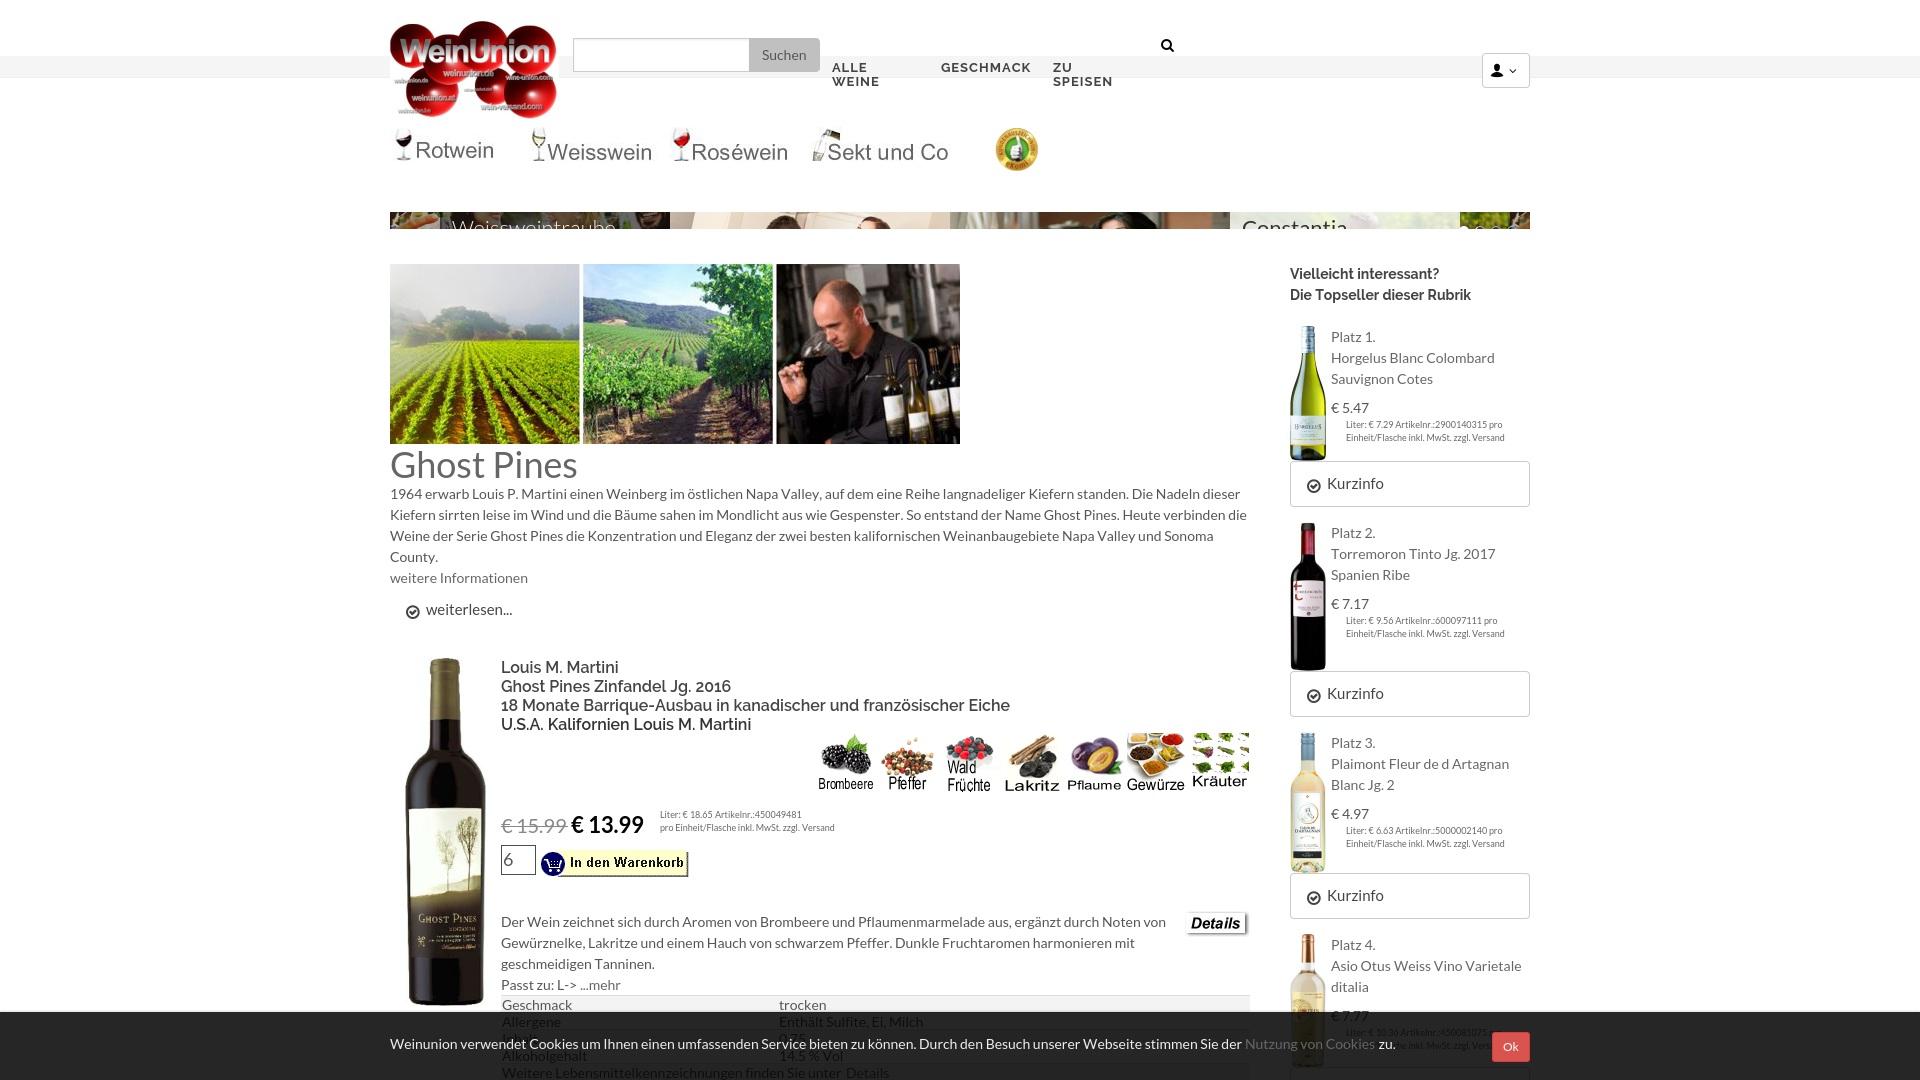 Gutschein für Weinunion: Rabatte für  Weinunion sichern